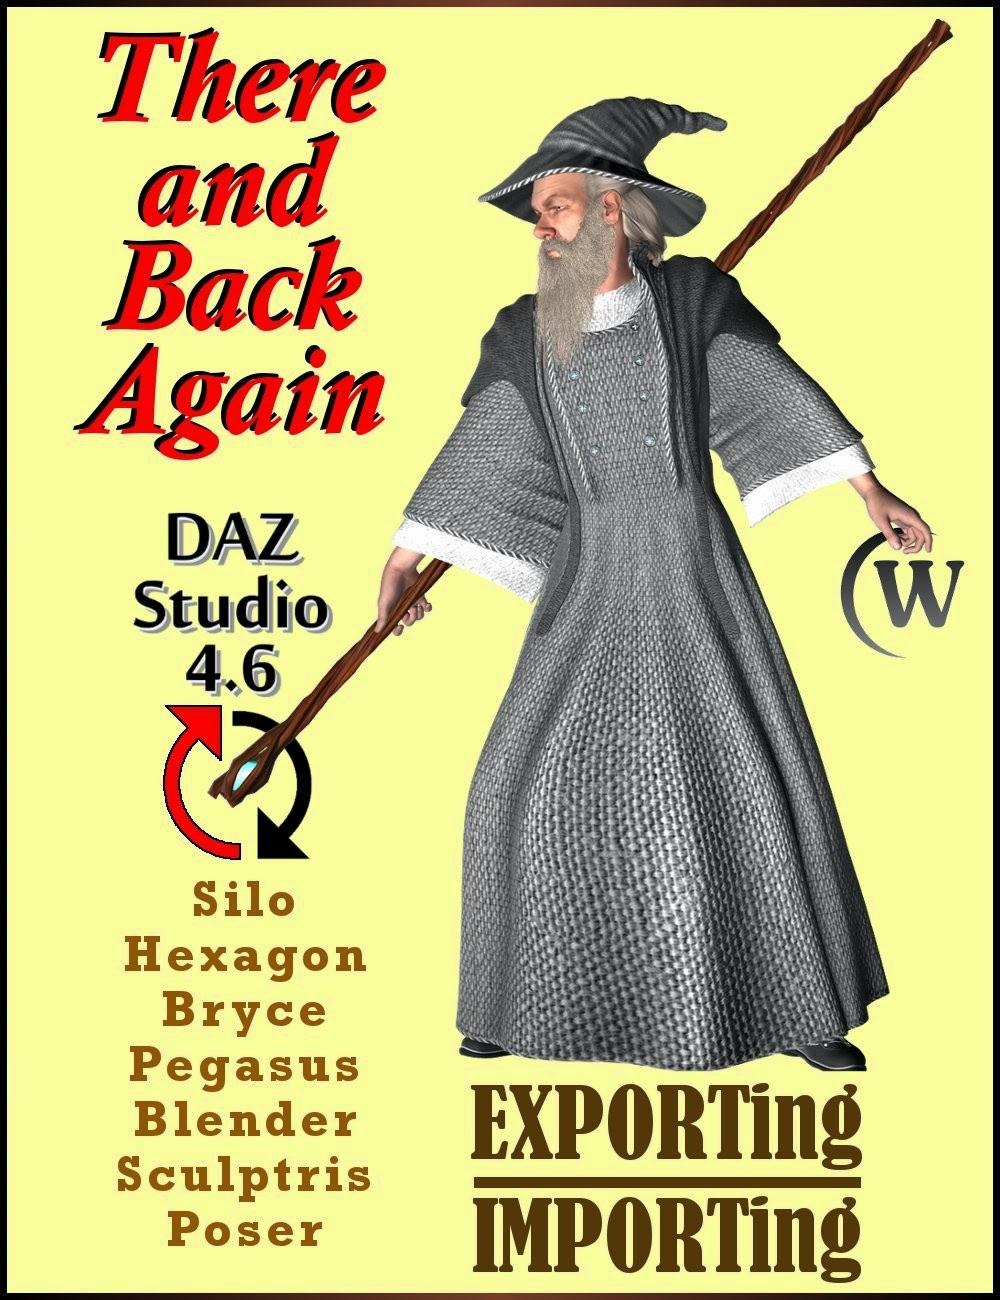 Un aller et retour: Exportation et importation de modèles utilisant DAZ Studio 4